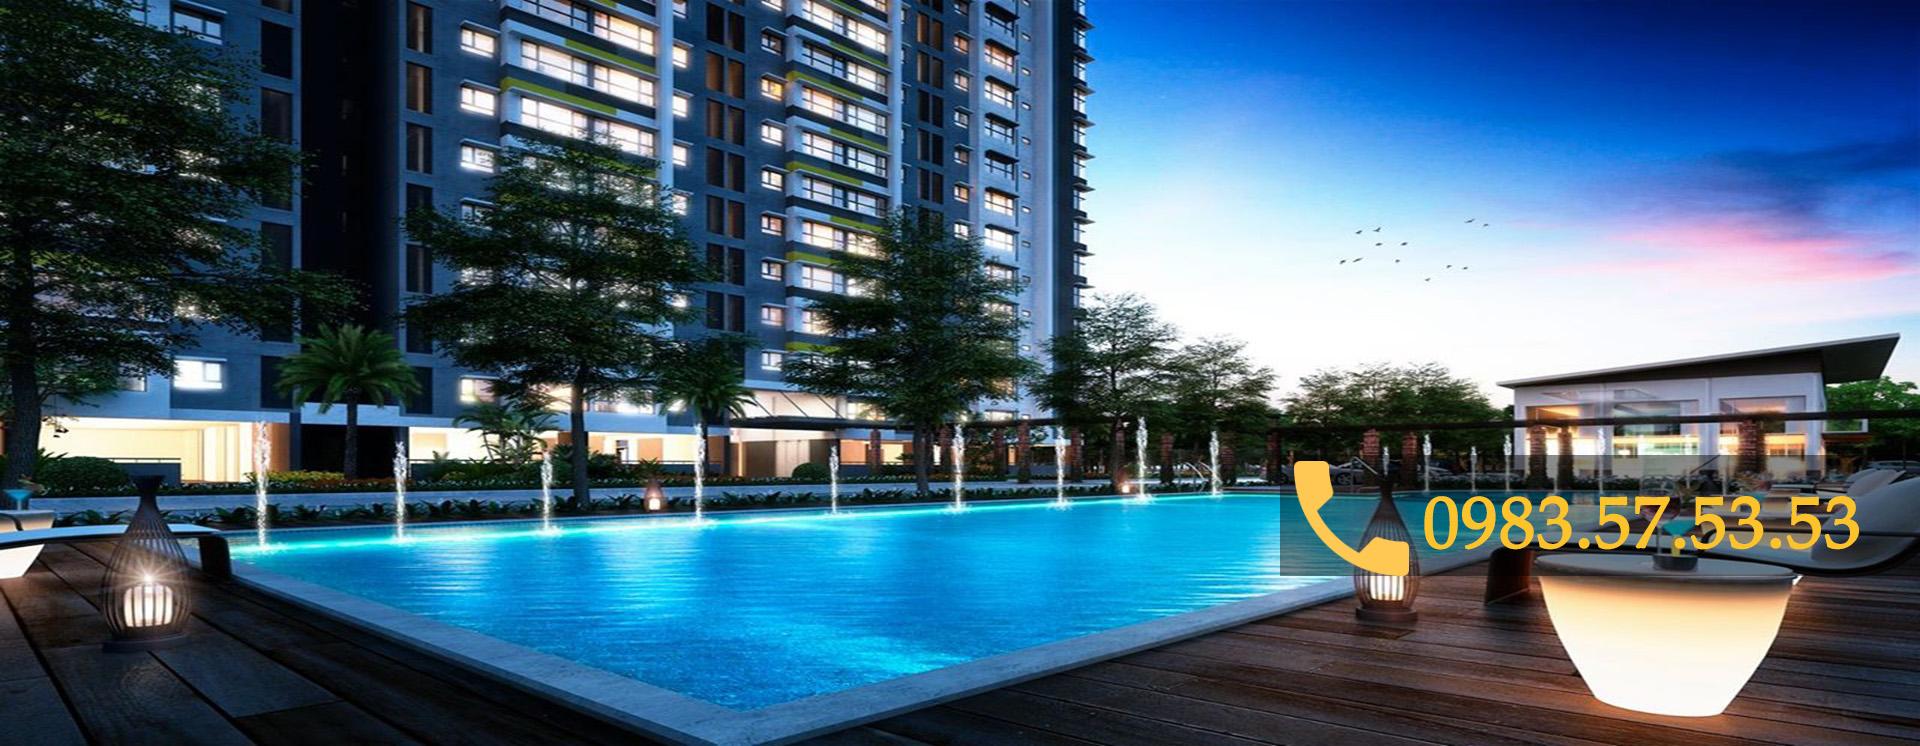 Dự án căn hộ Sài Gòn Royal